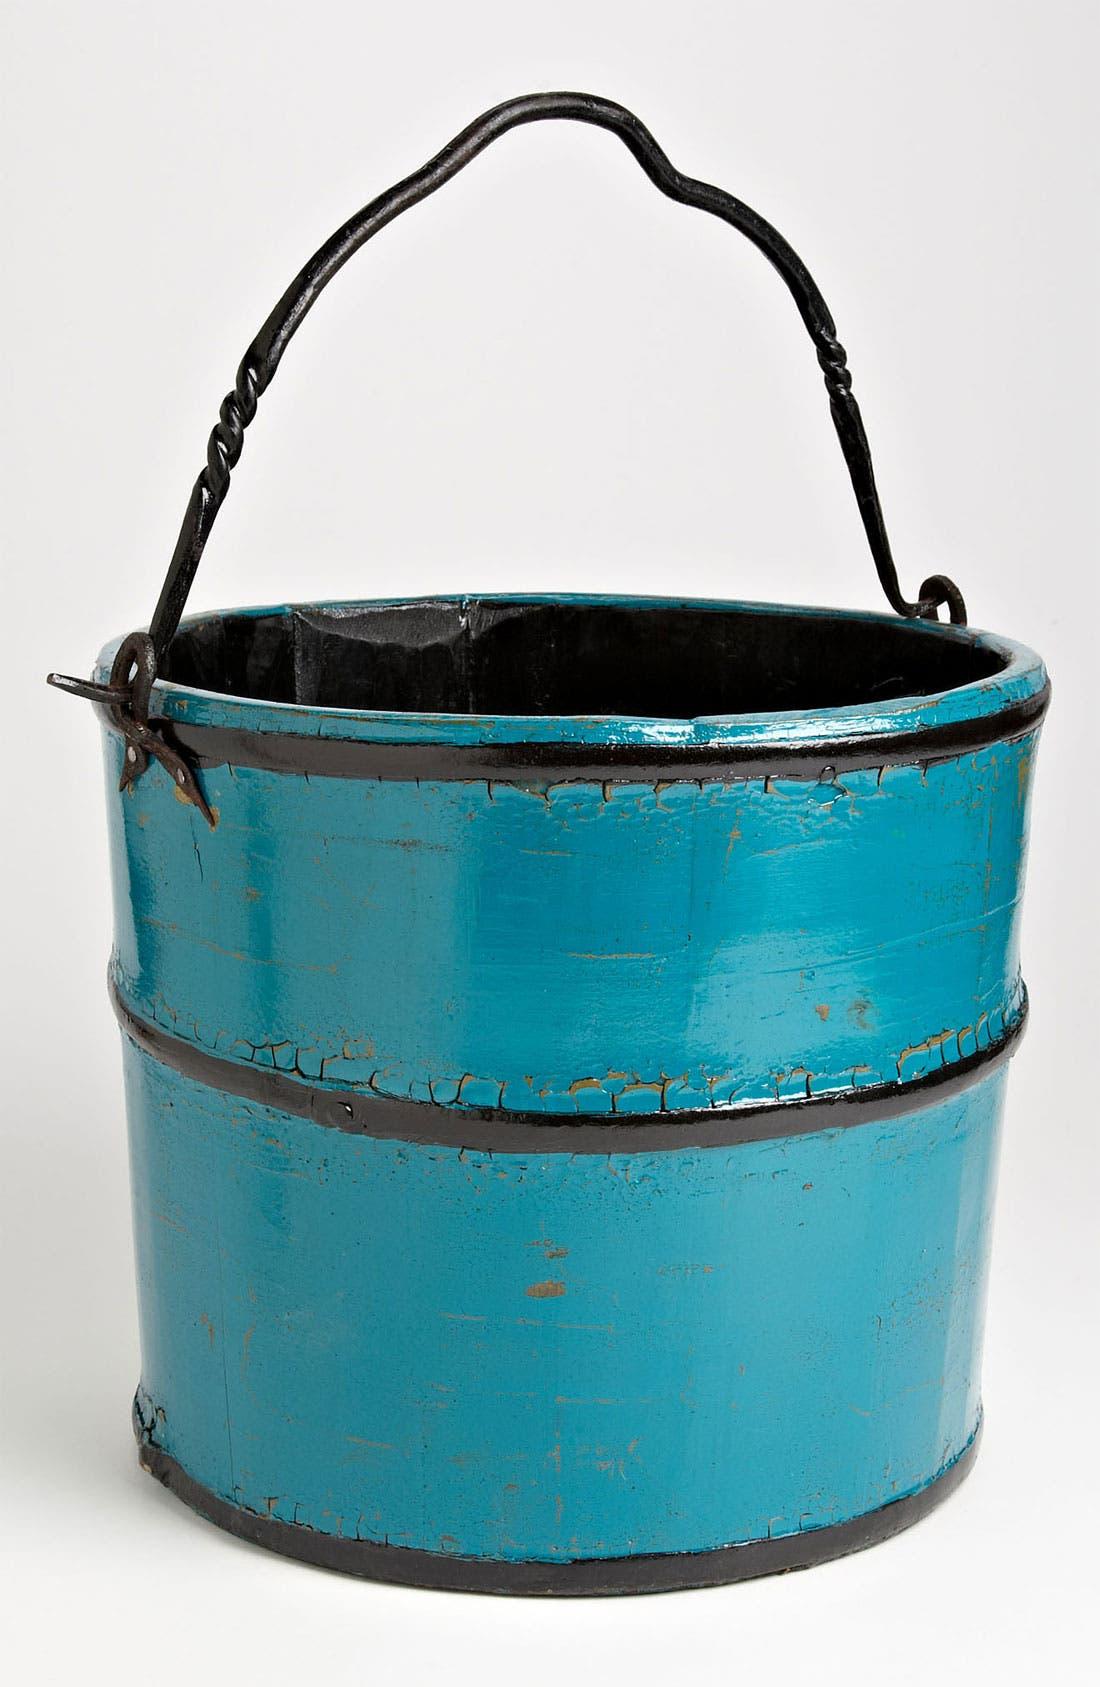 Main Image - Painted Wood Bucket, Large